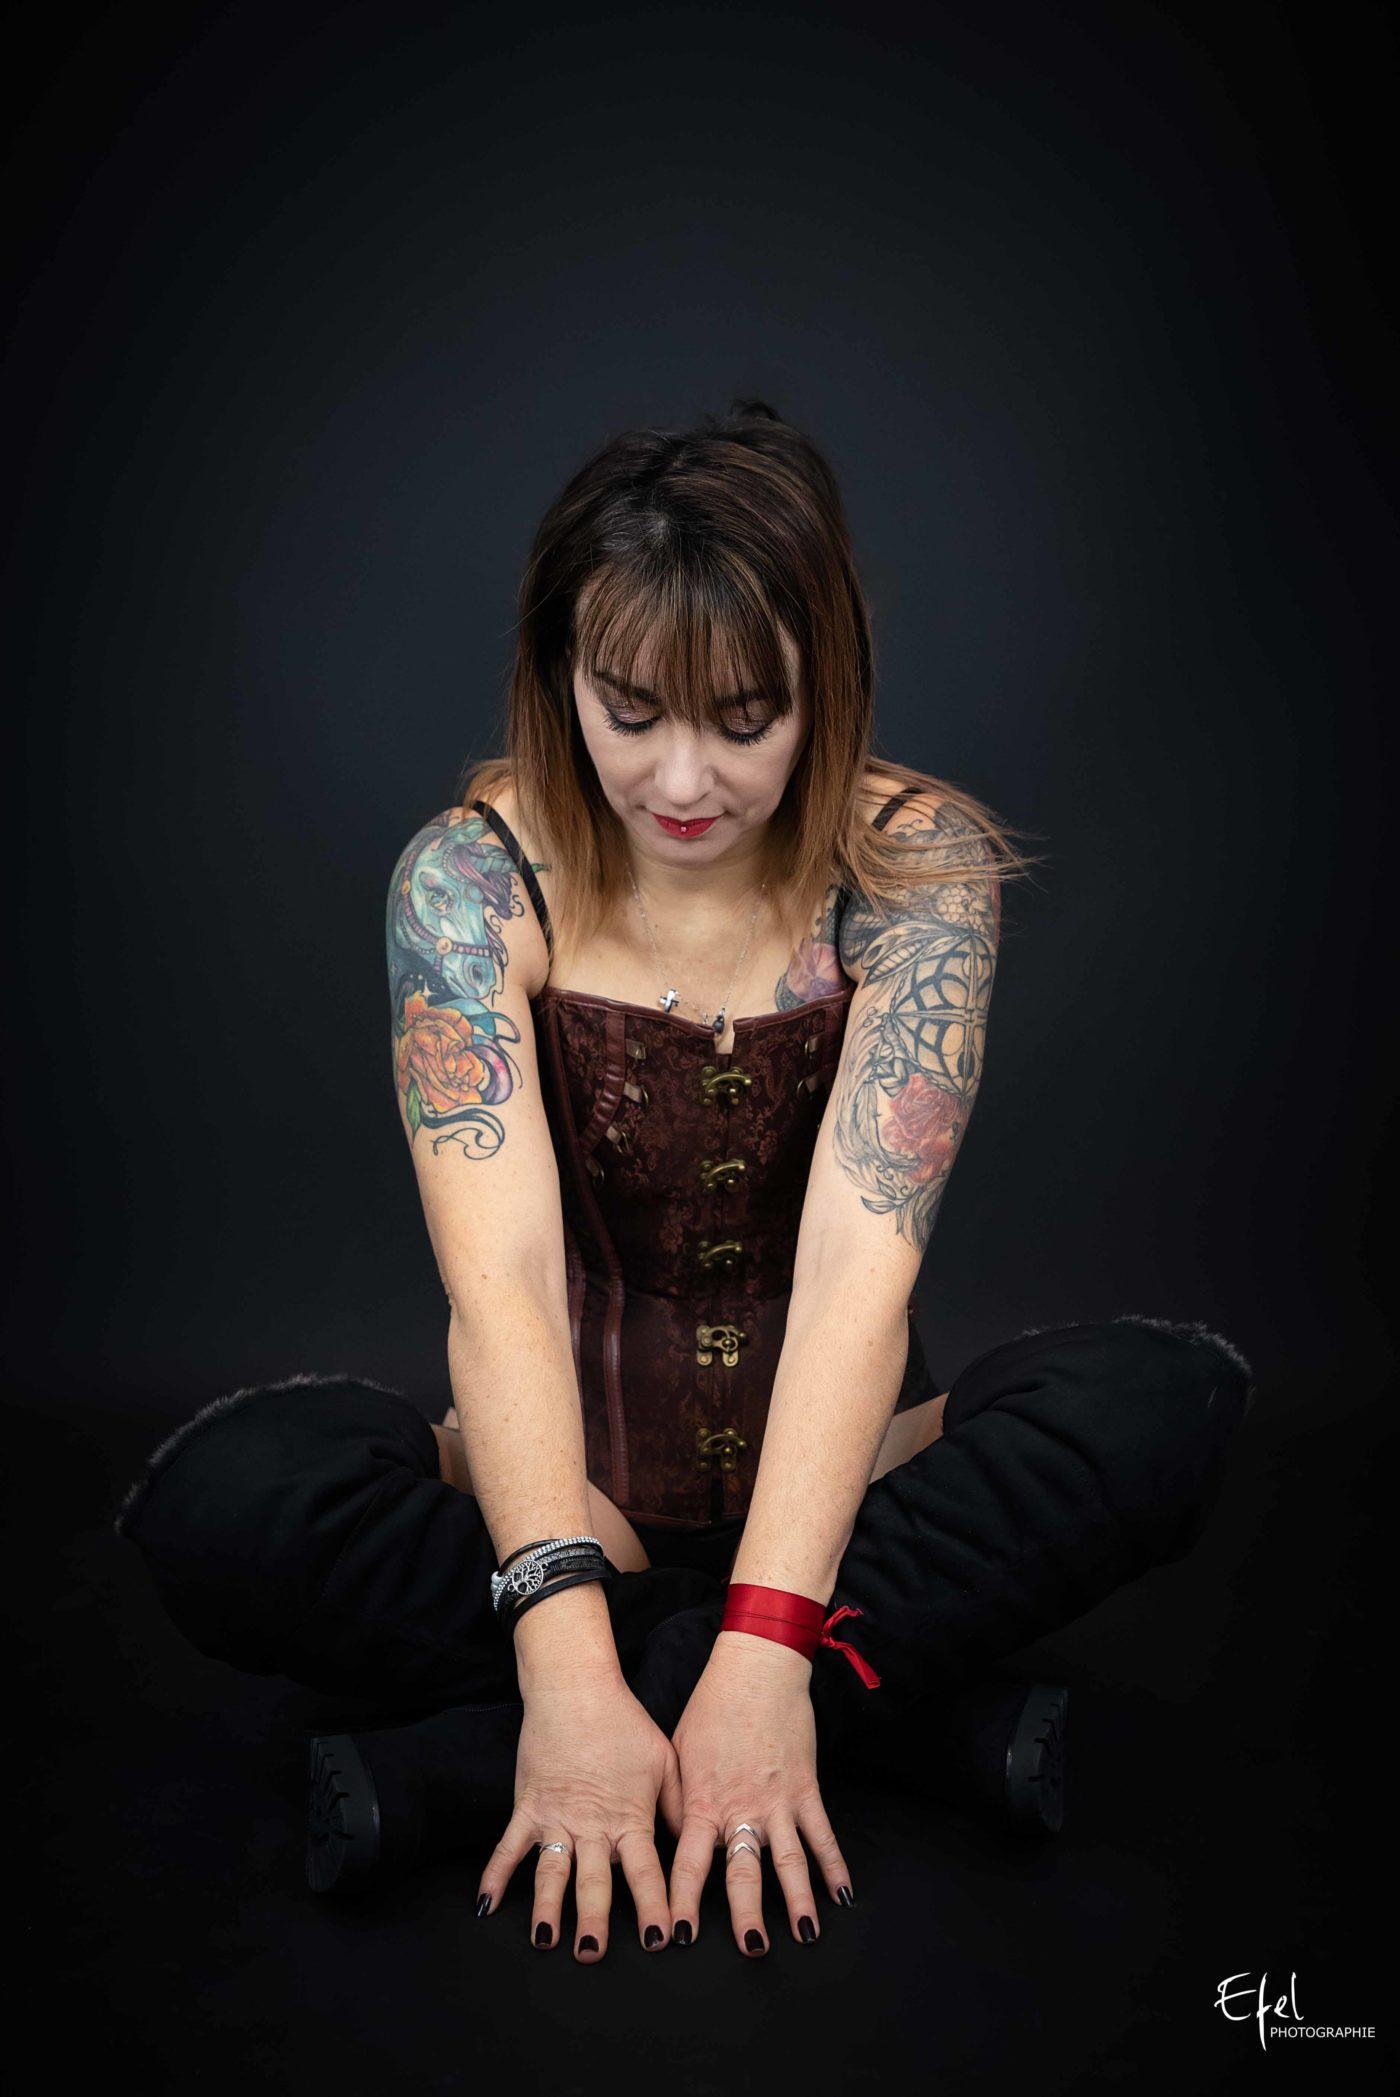 shooting photo tatouages femmes photographe gap